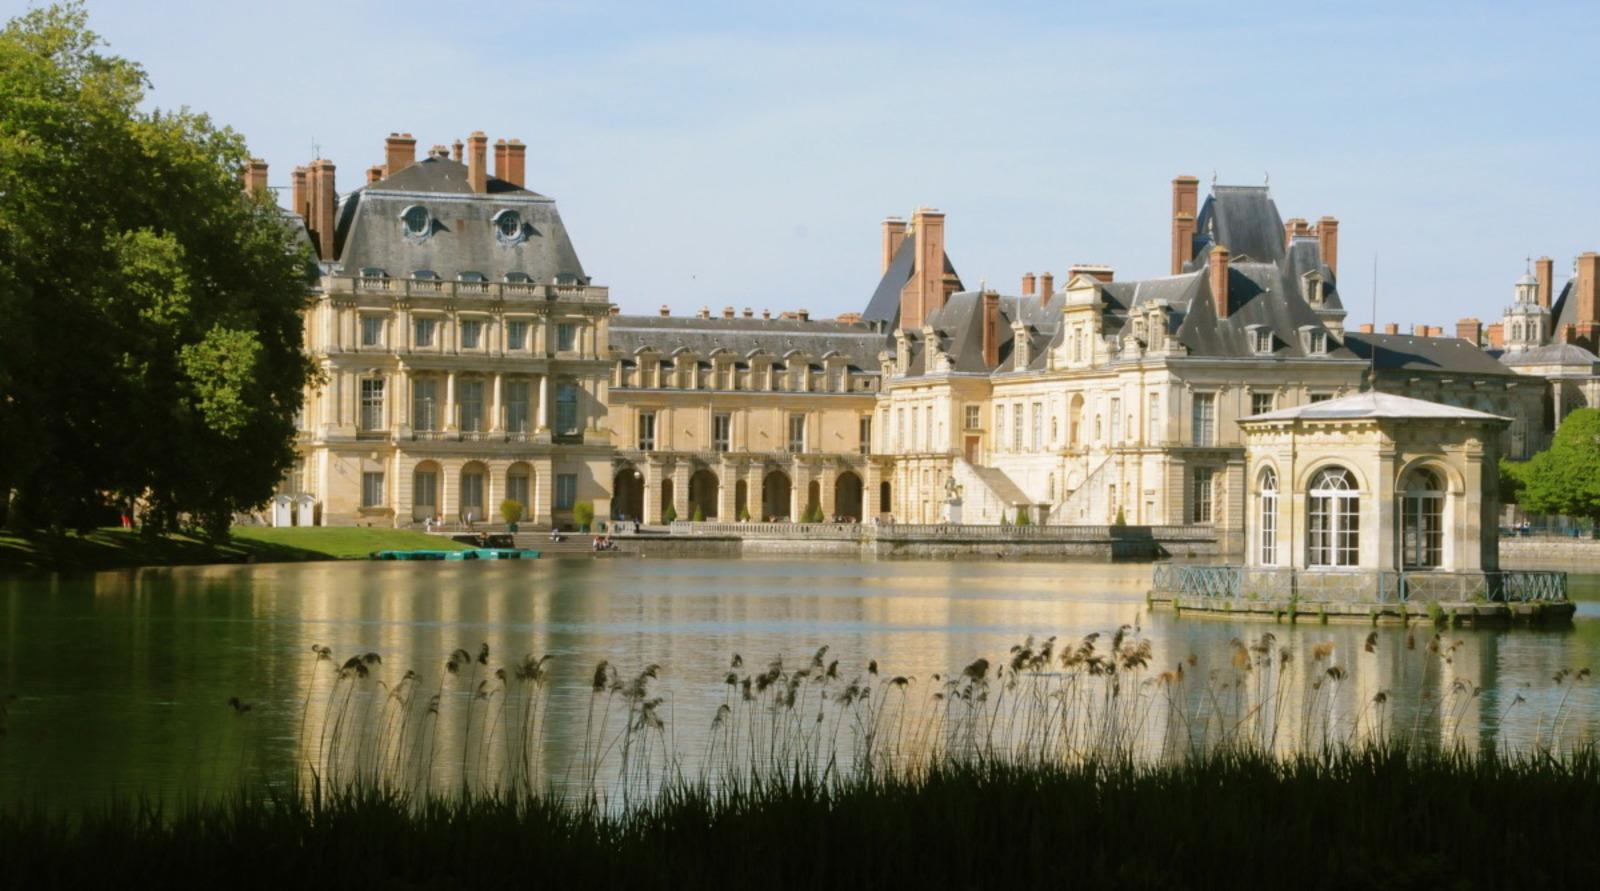 Château de Fontainebleau%252C étang des carpes. Château de Fontainebleau%252C étang des carpes.